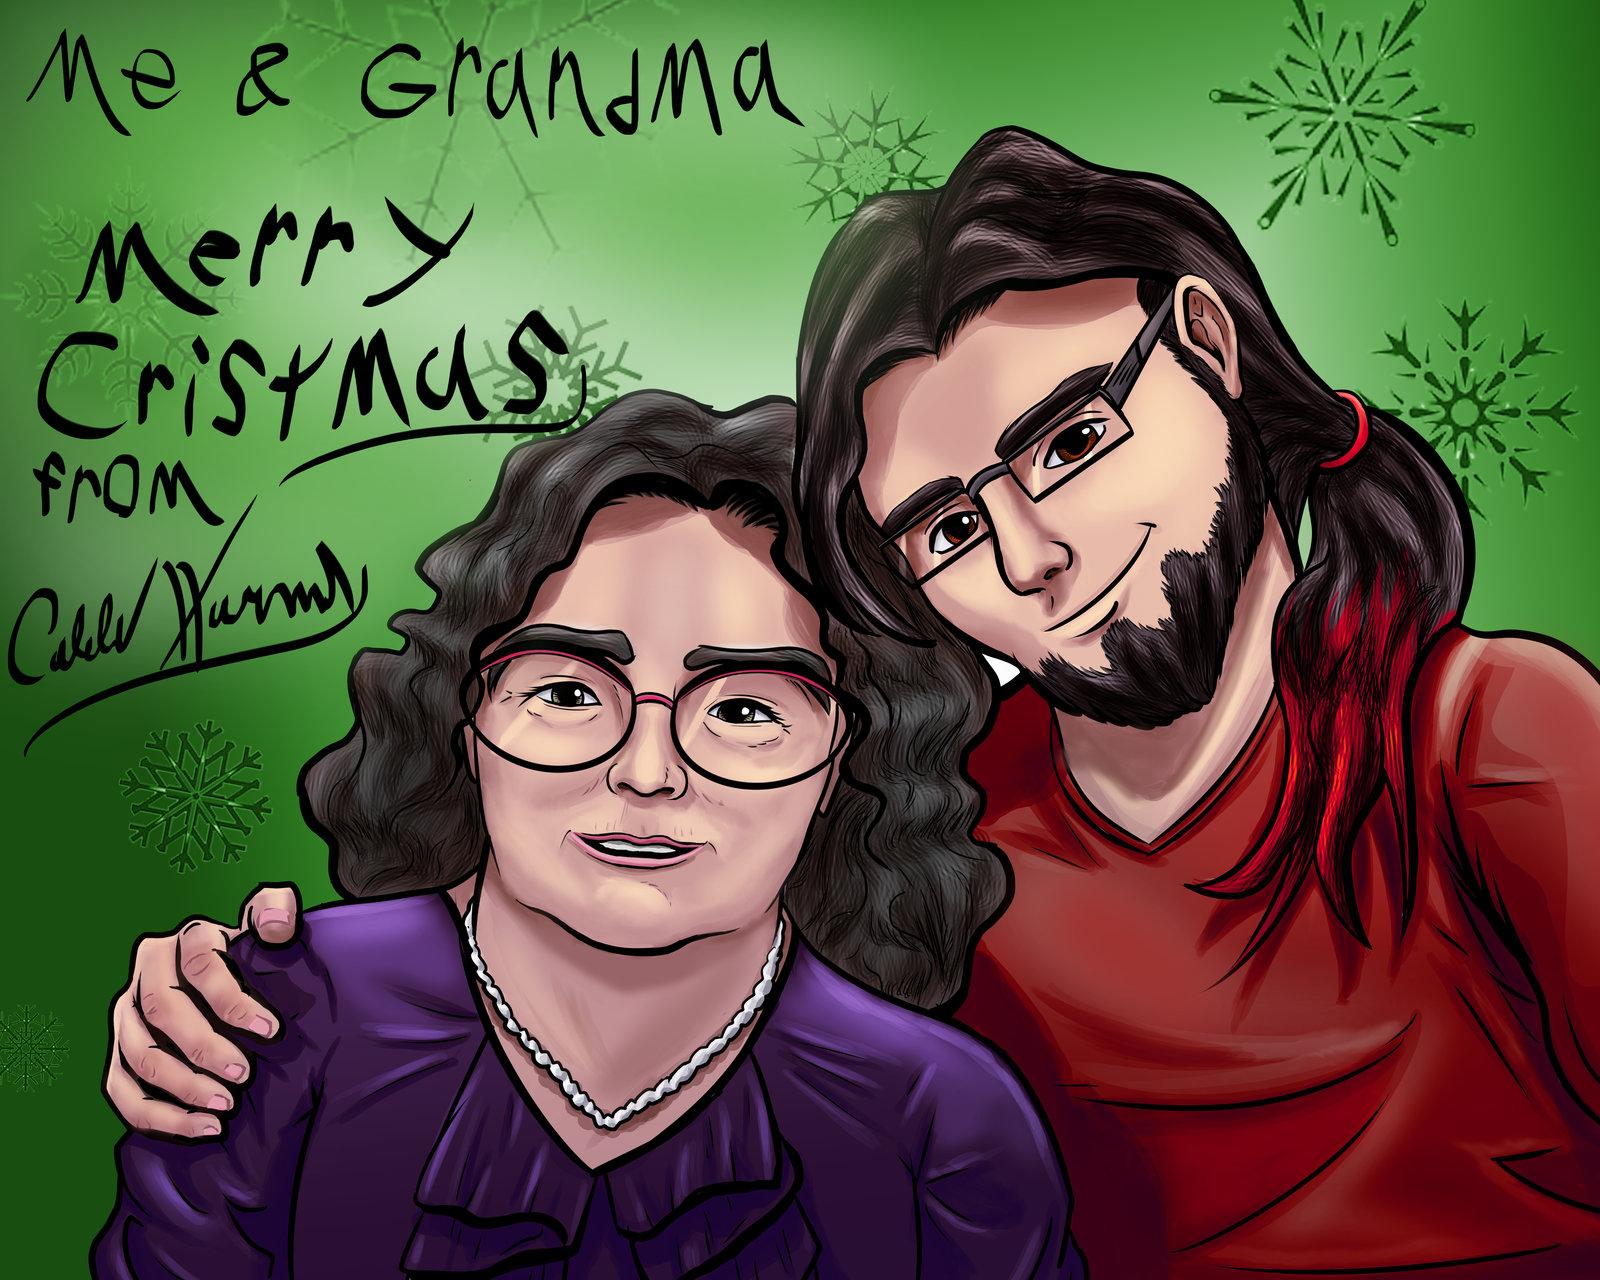 Me and my Grandma for Christmas